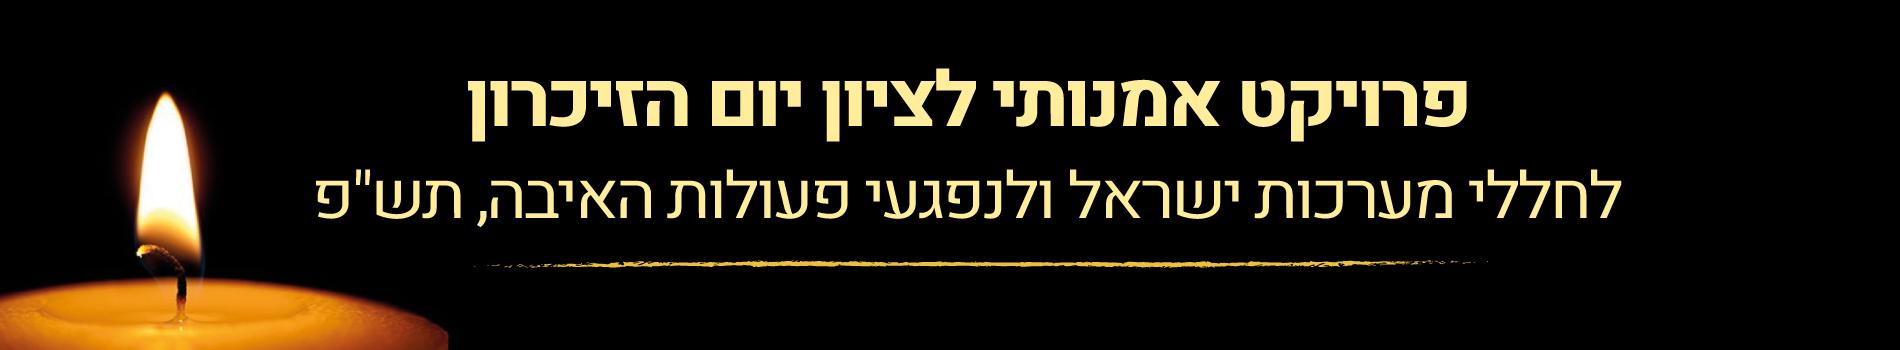 פרויקט אמנותי לציון יום הזיכרון לחללי מערכות ישראל ולנפגעי פעולות האיבה